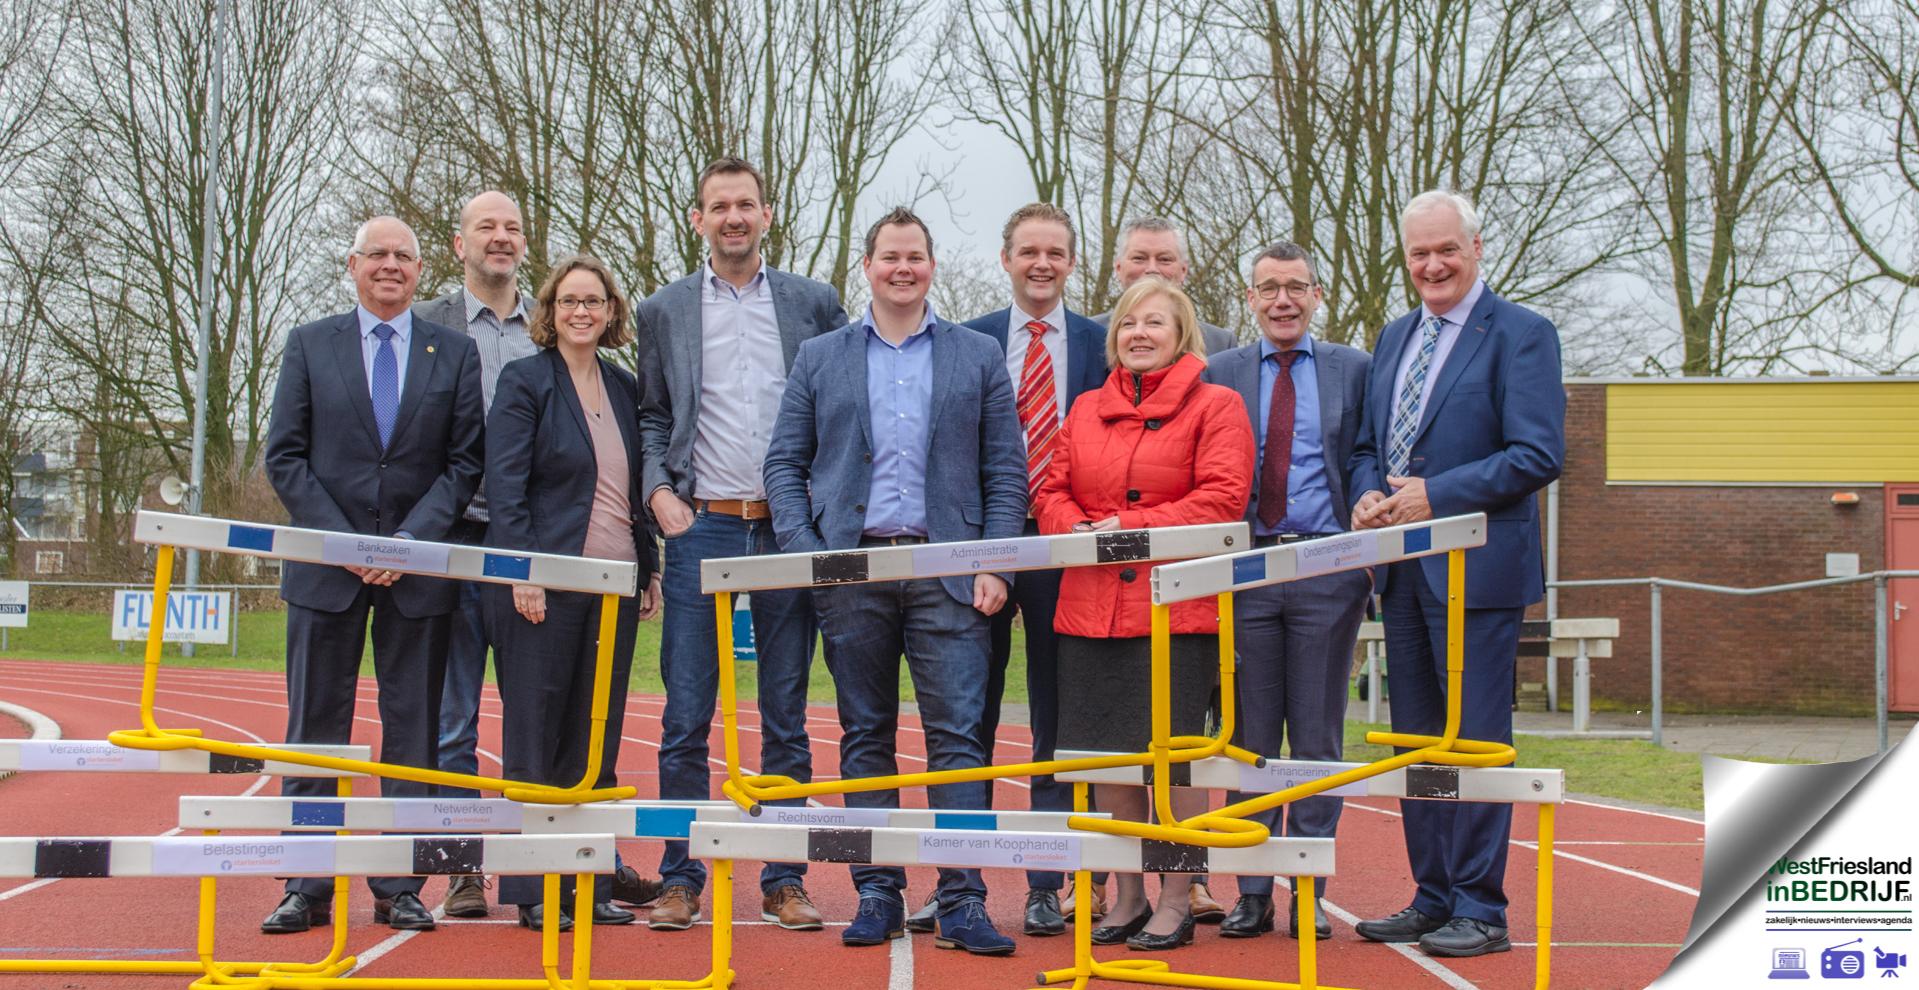 Startersloket West-Friesland officieel van start